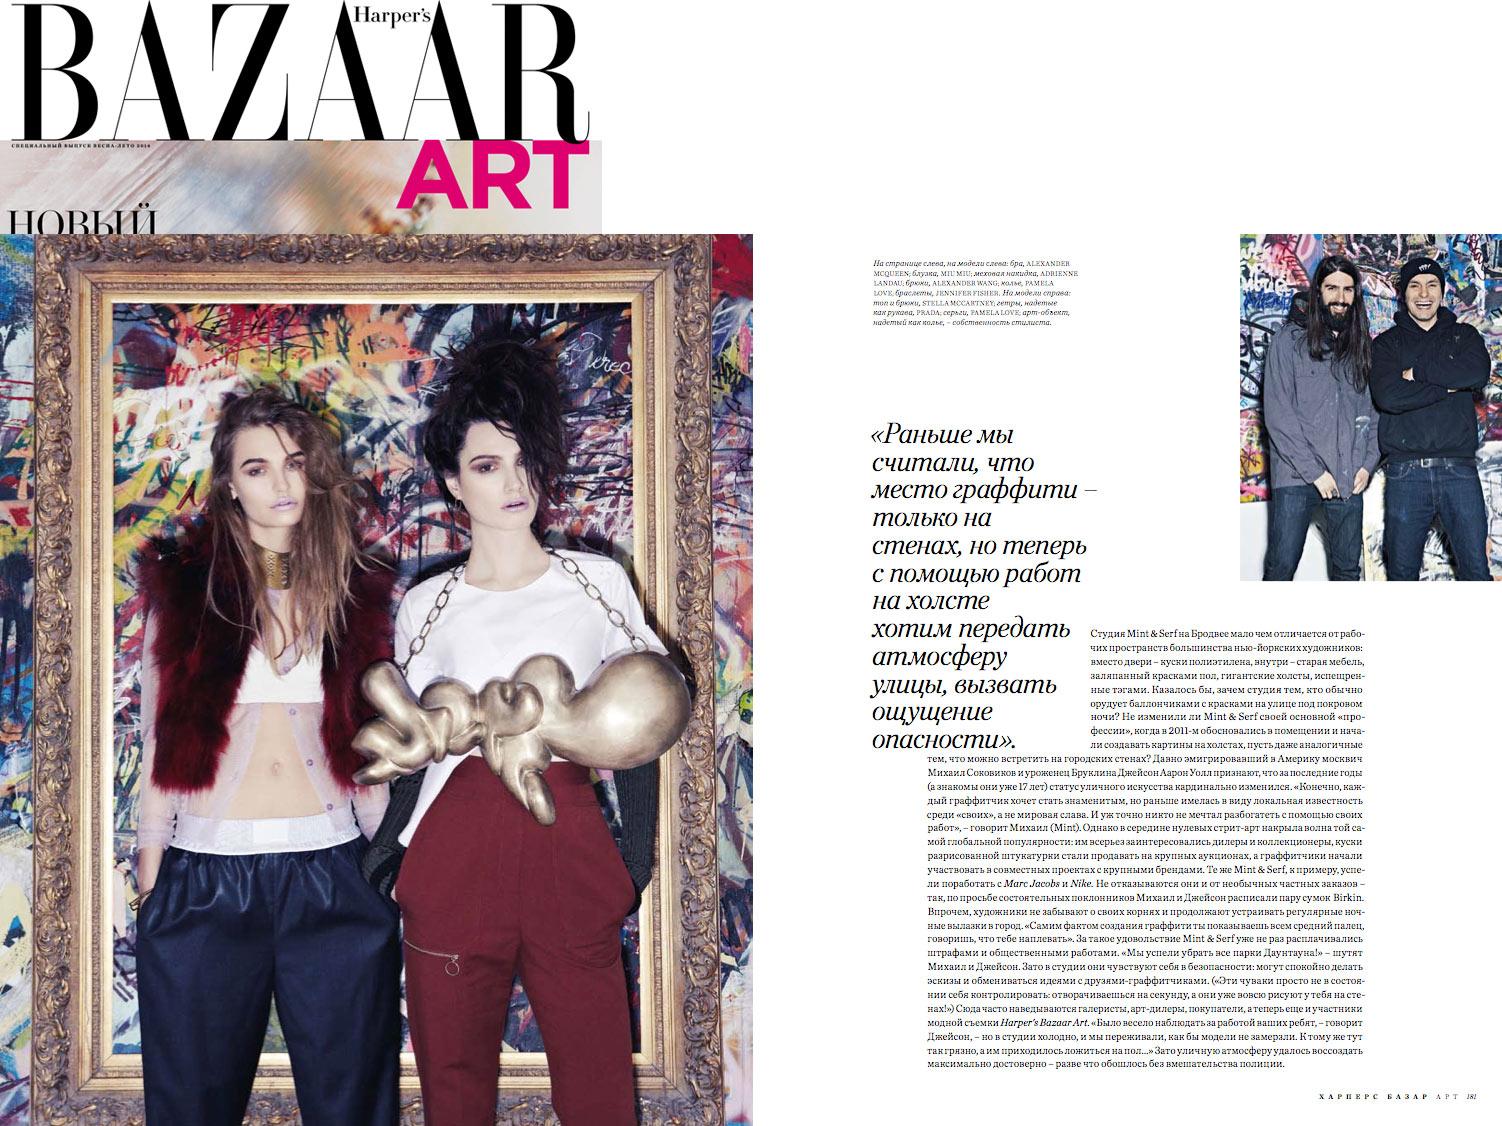 Harpers Bazaar Art Issue